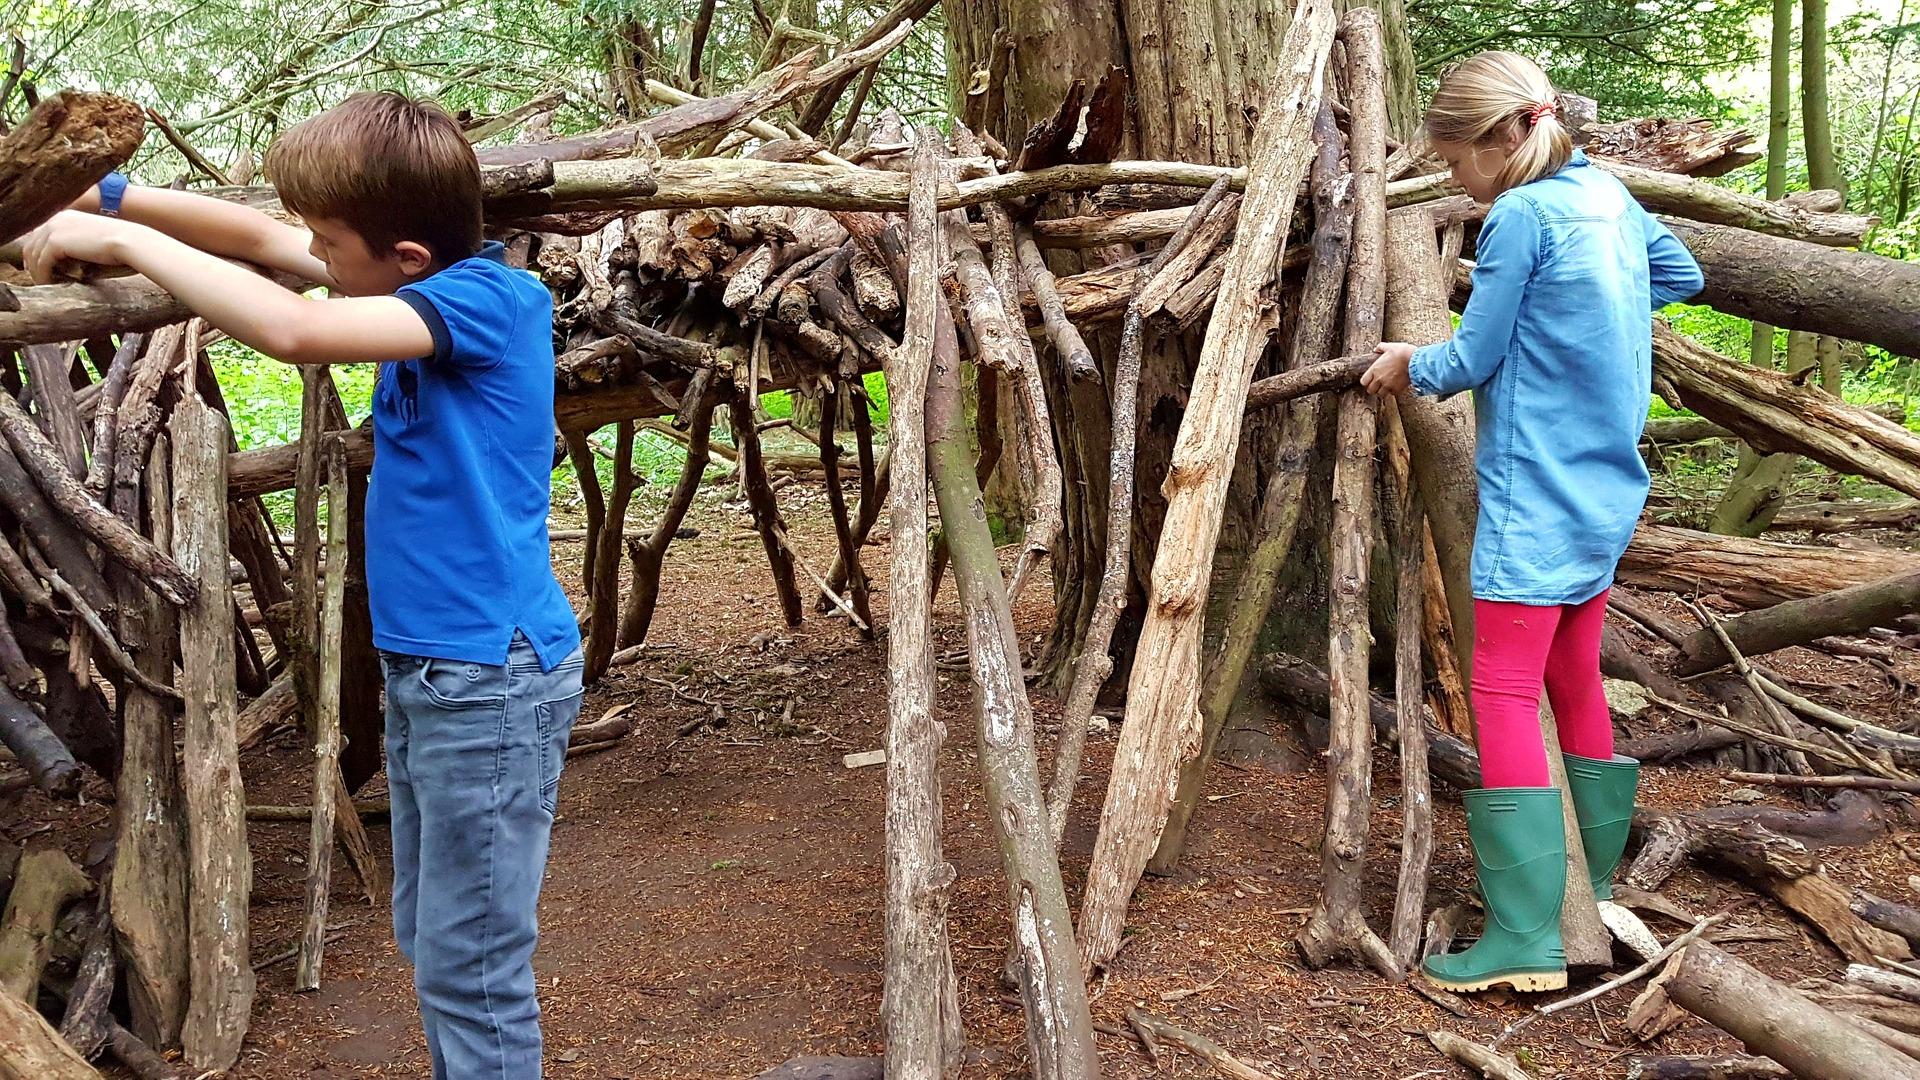 niño y niña haciendo una cabaña con troncos secos